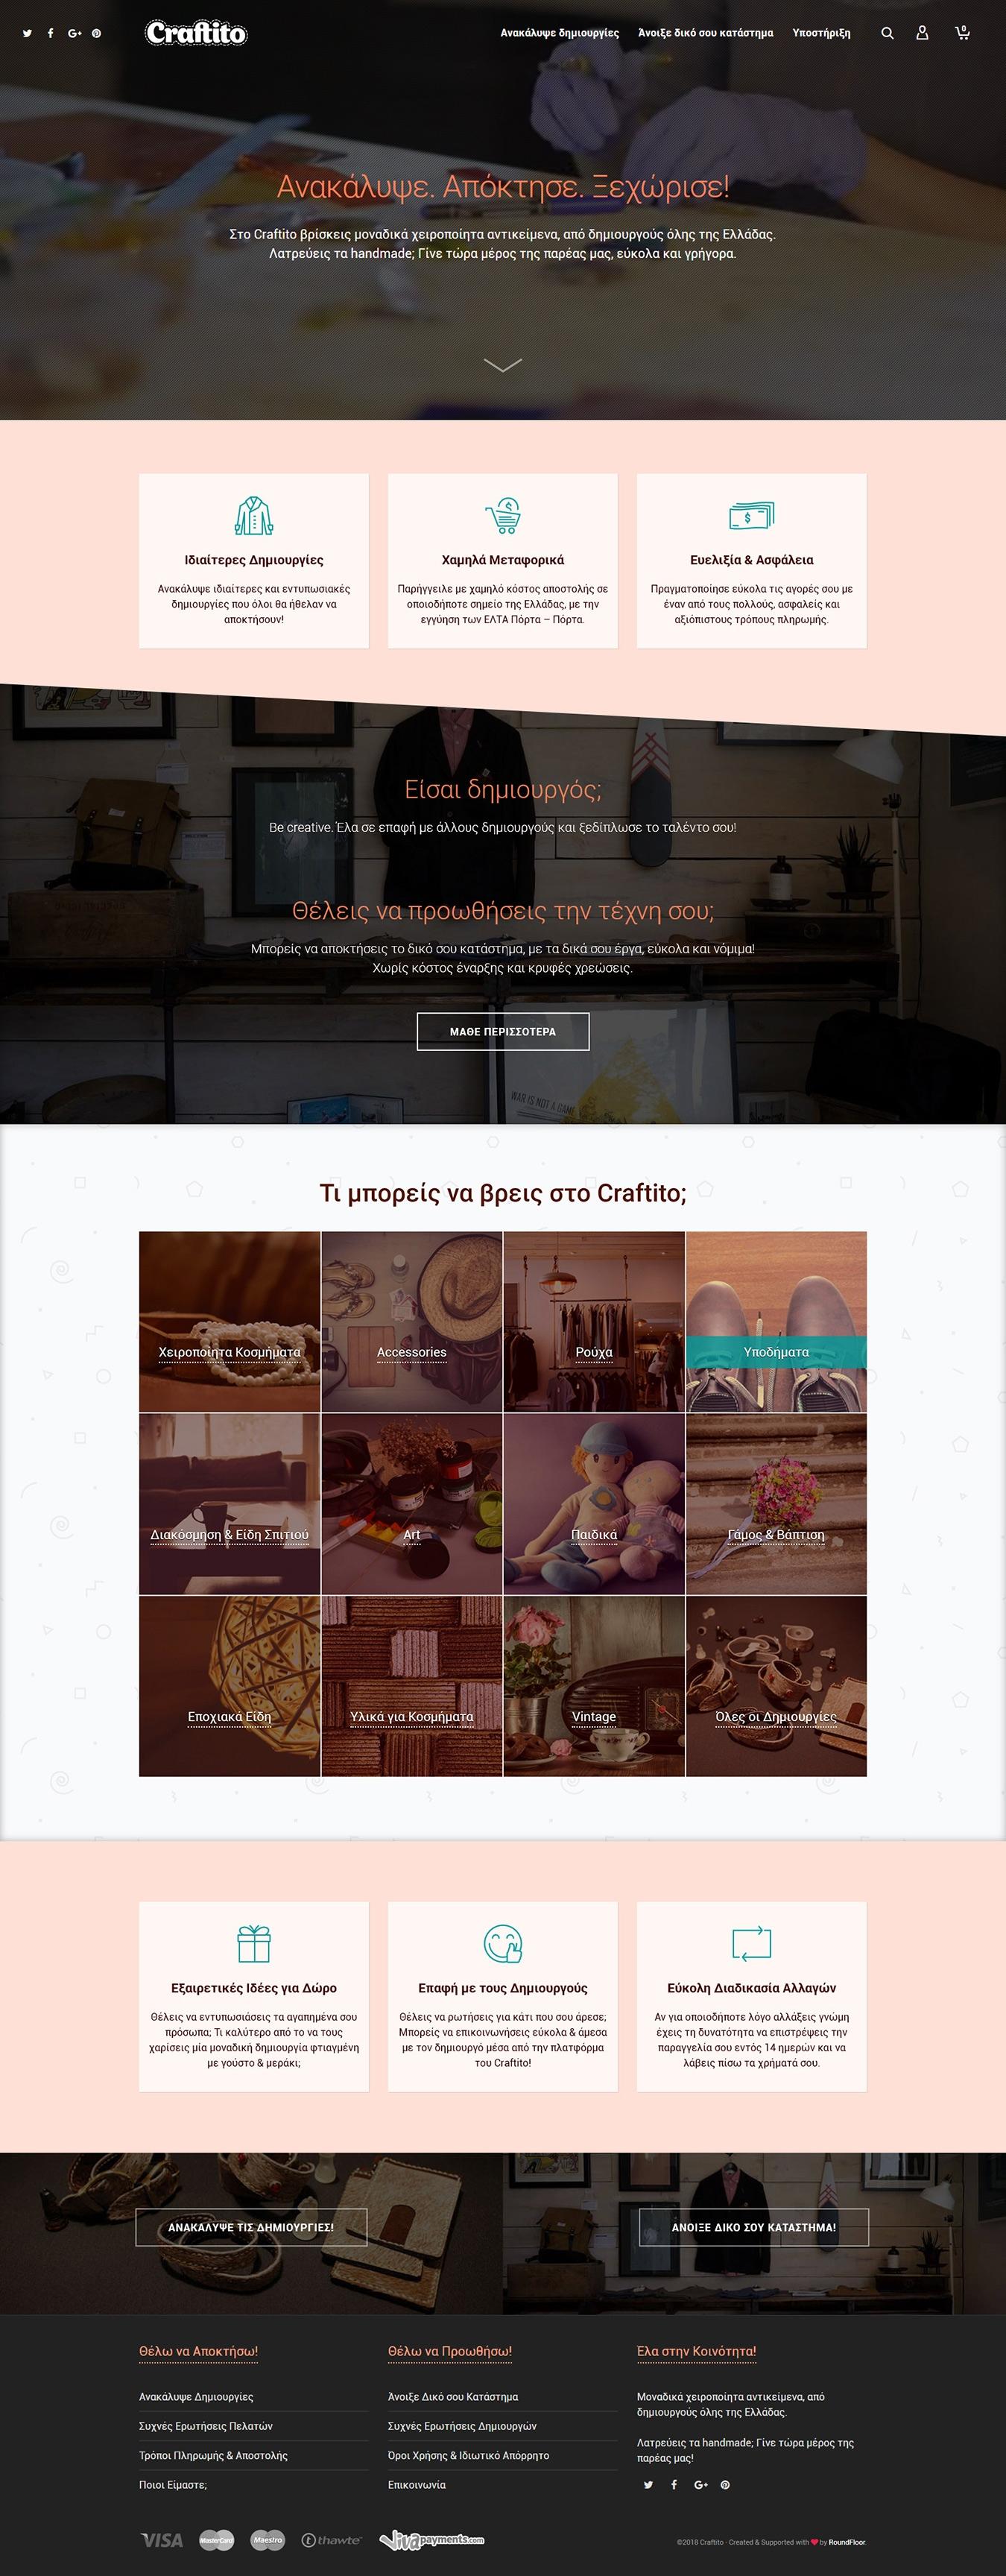 Κατασκευή e-shop για χειροποίητα κοσμήματα για το Craftito